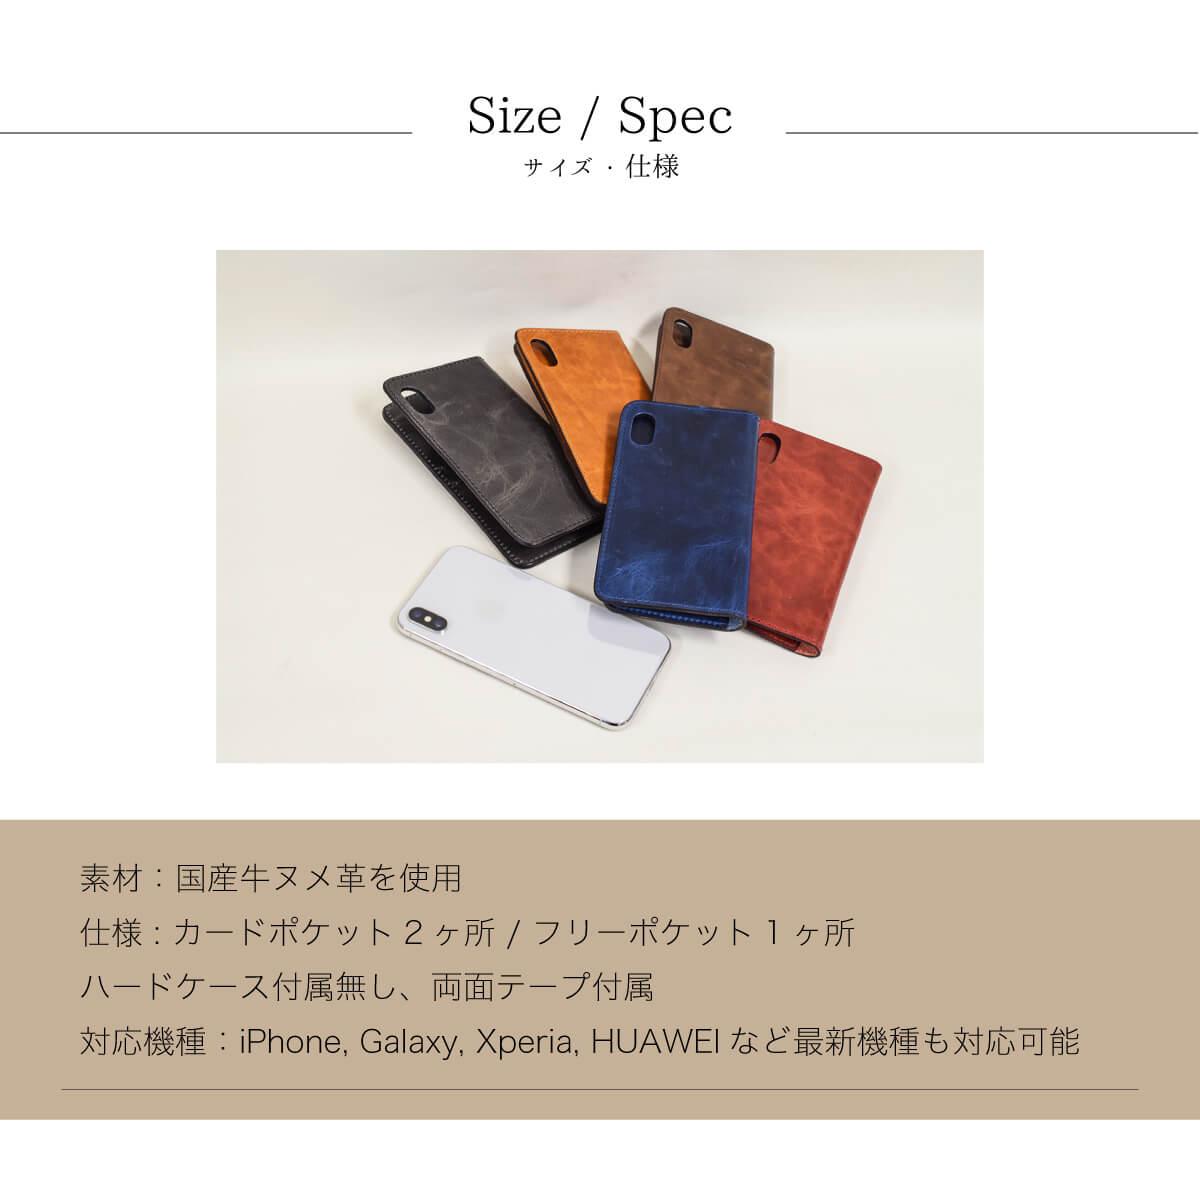 ケーワックスiPhoneケース スマホケース Camel XS Max XR 8 7 6 Android Xperia フラップ追加可能 【名入れ可】